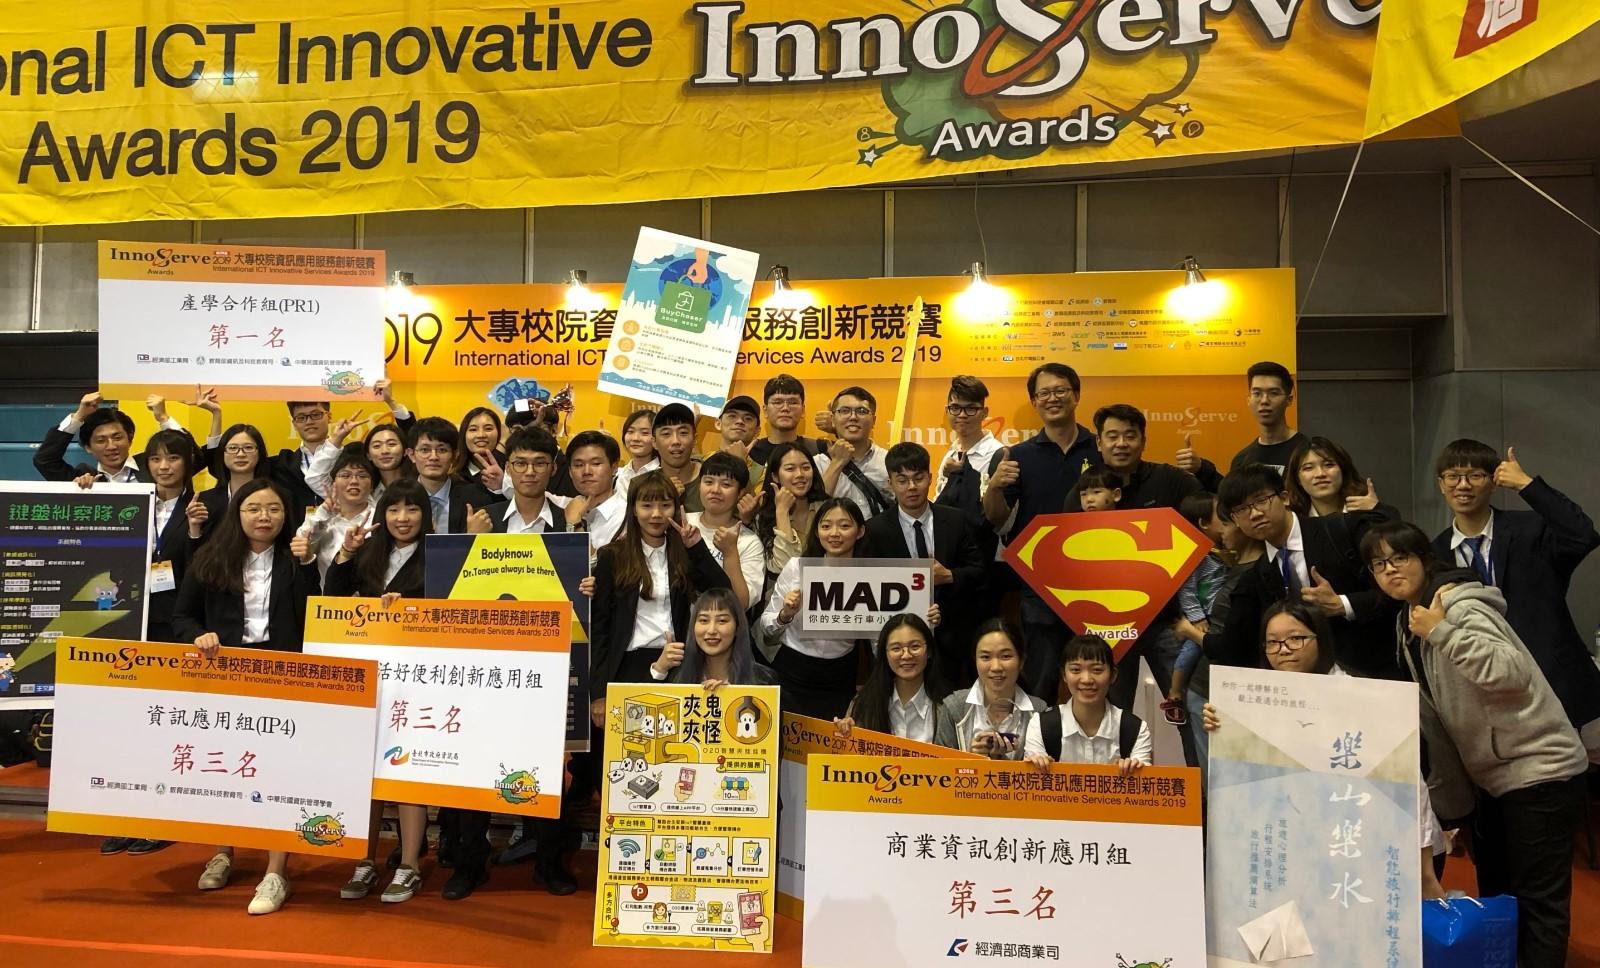 中原大學資管系學生參加「大專校院資訊應用服務創新競賽」,勇奪金牌等共7個獎項。.jpg